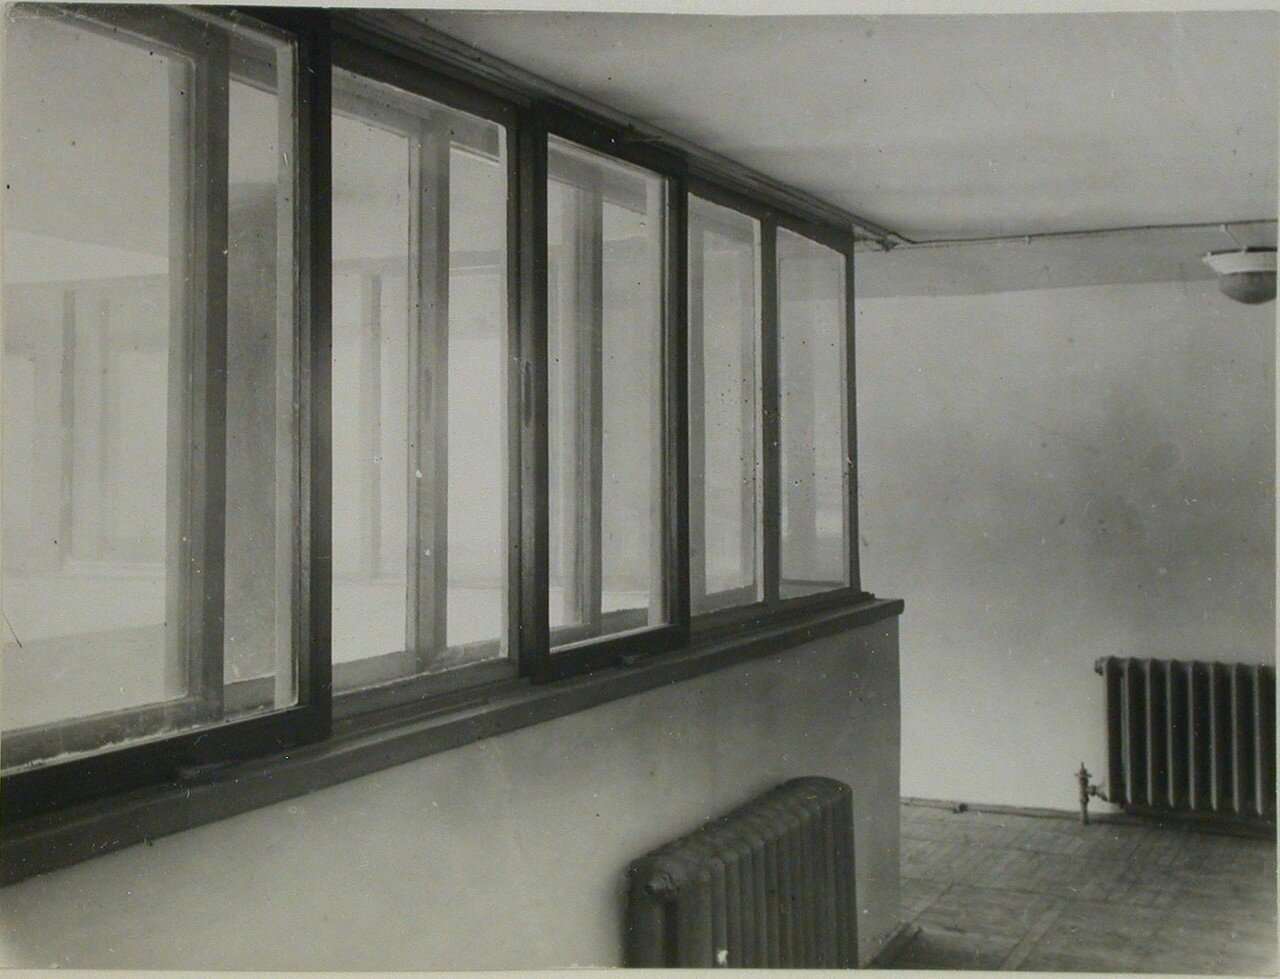 Внутренний вид здания. Фрагмент коридора